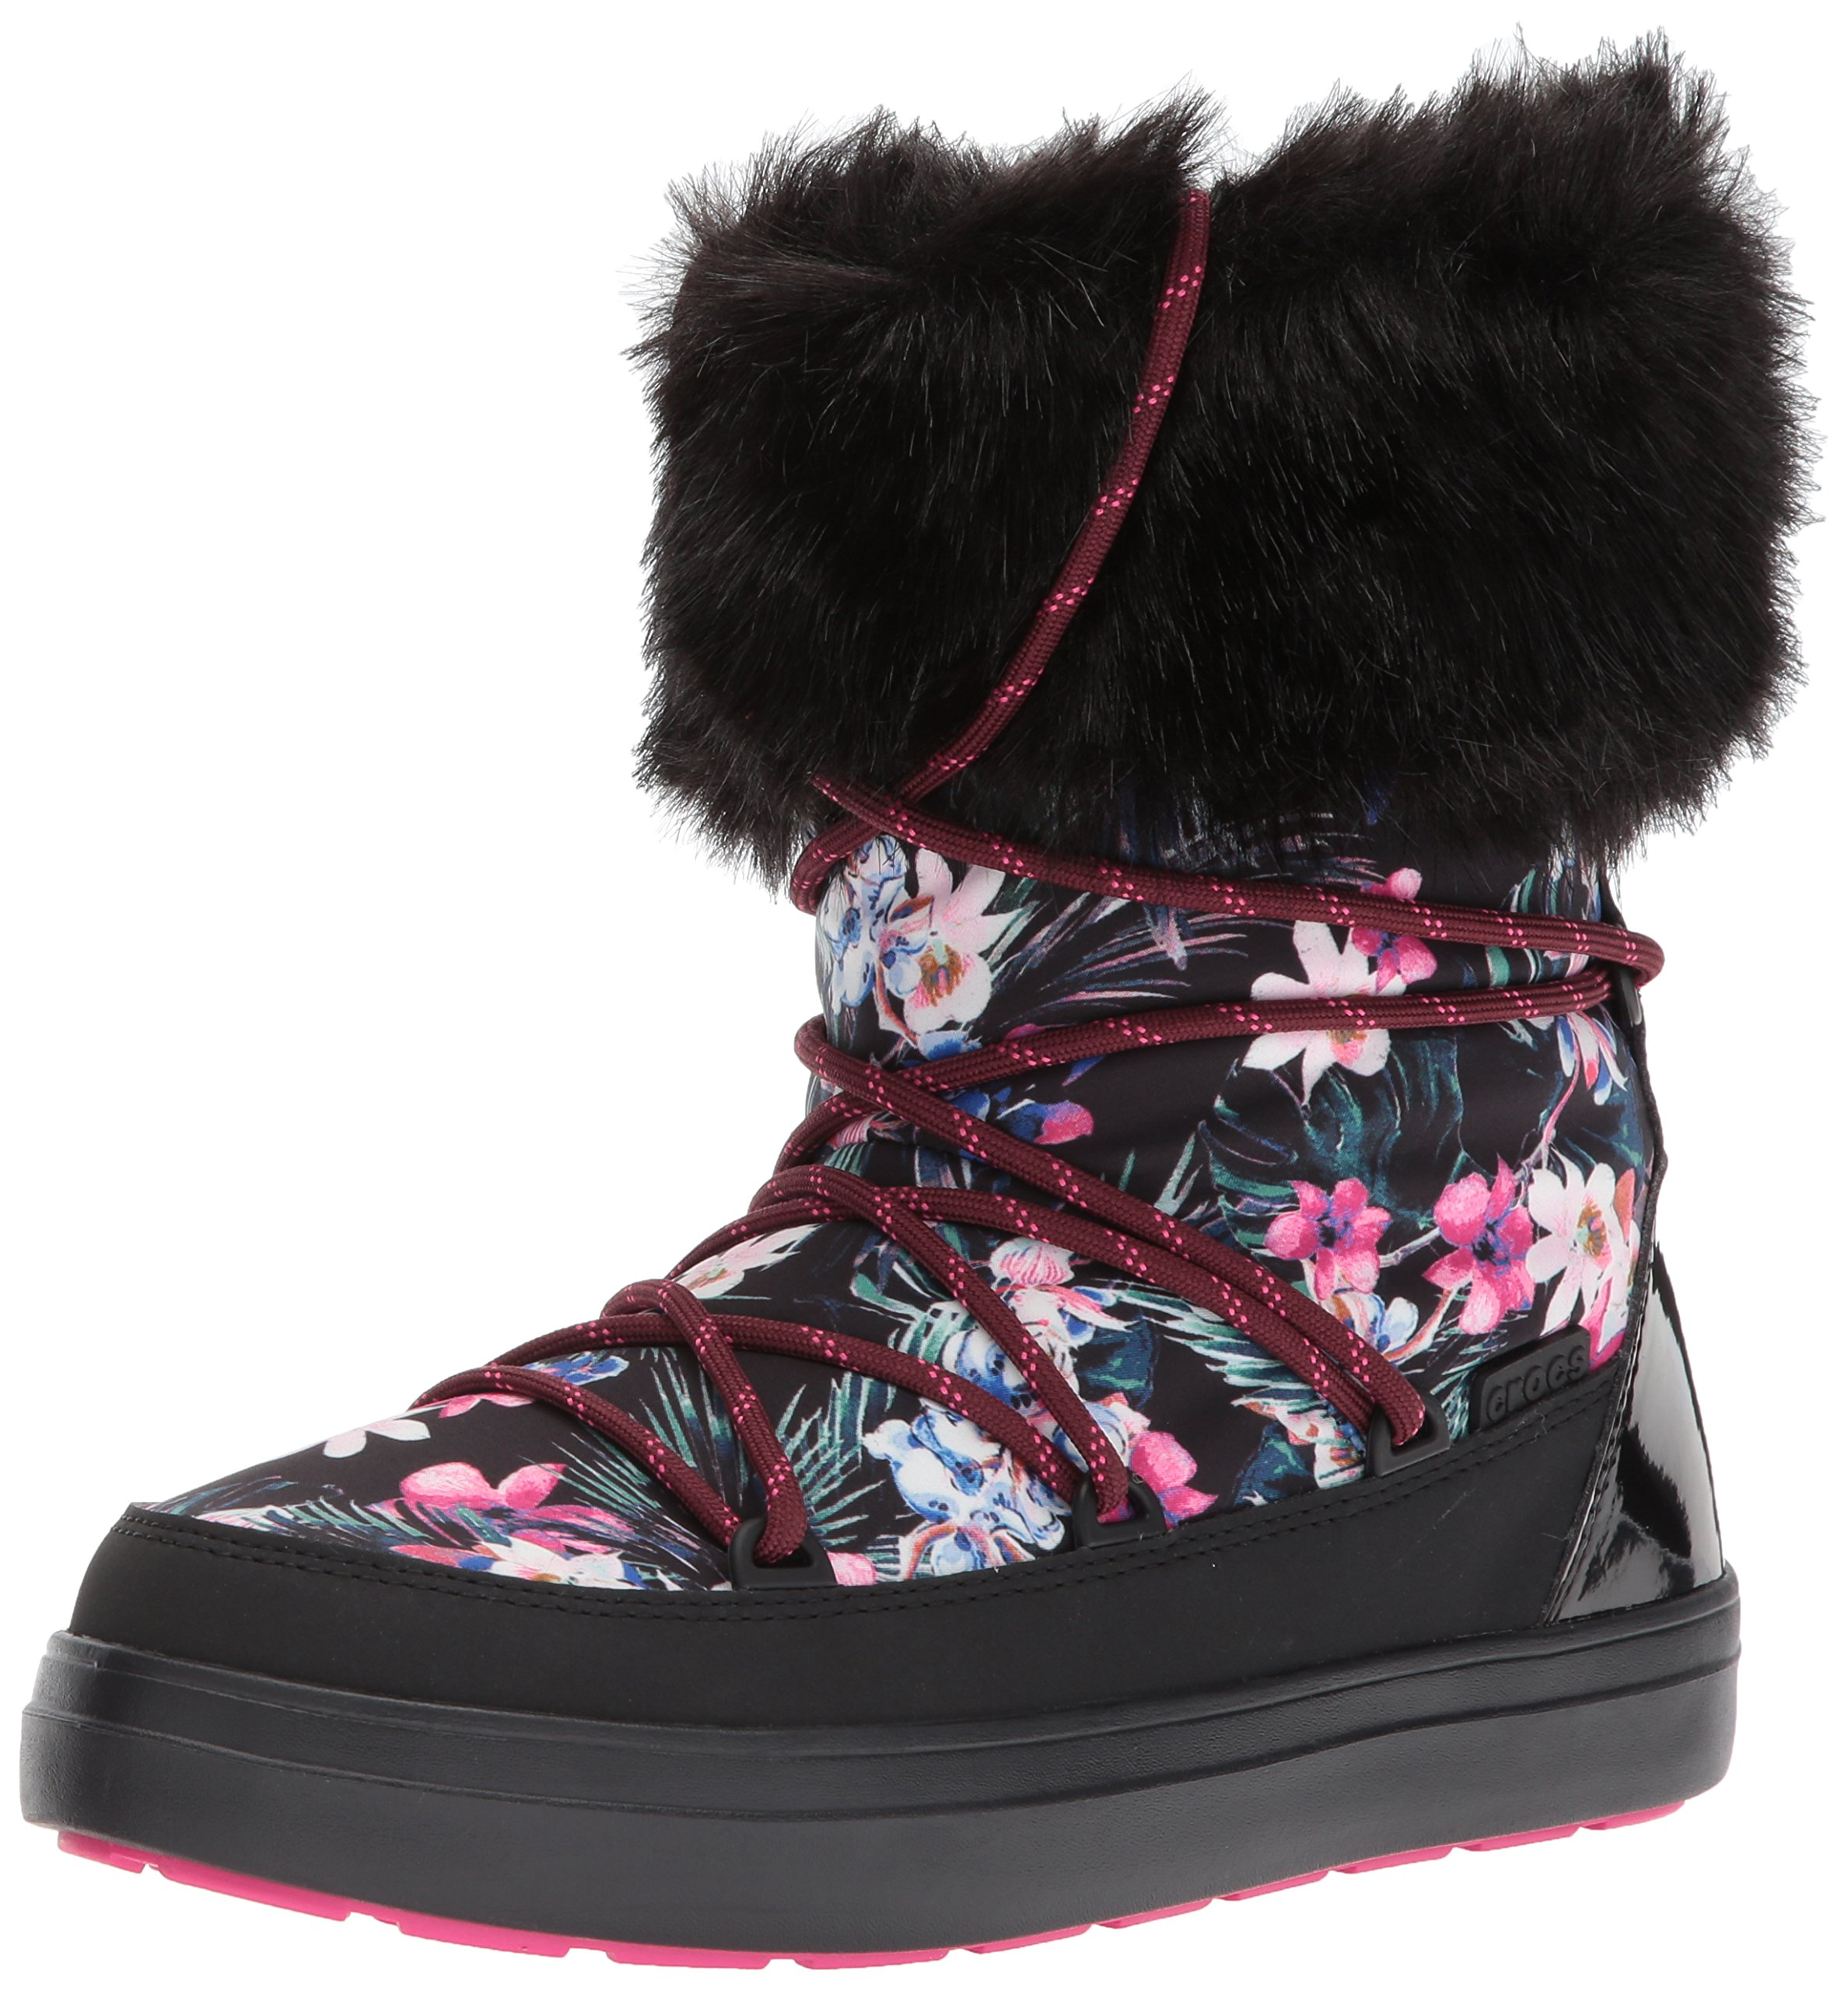 Lodgepoint Lace Eu 35 black34 Crocs FemmeMulticoloretropical Boot Graphic WomenBottes PkOTiZXu